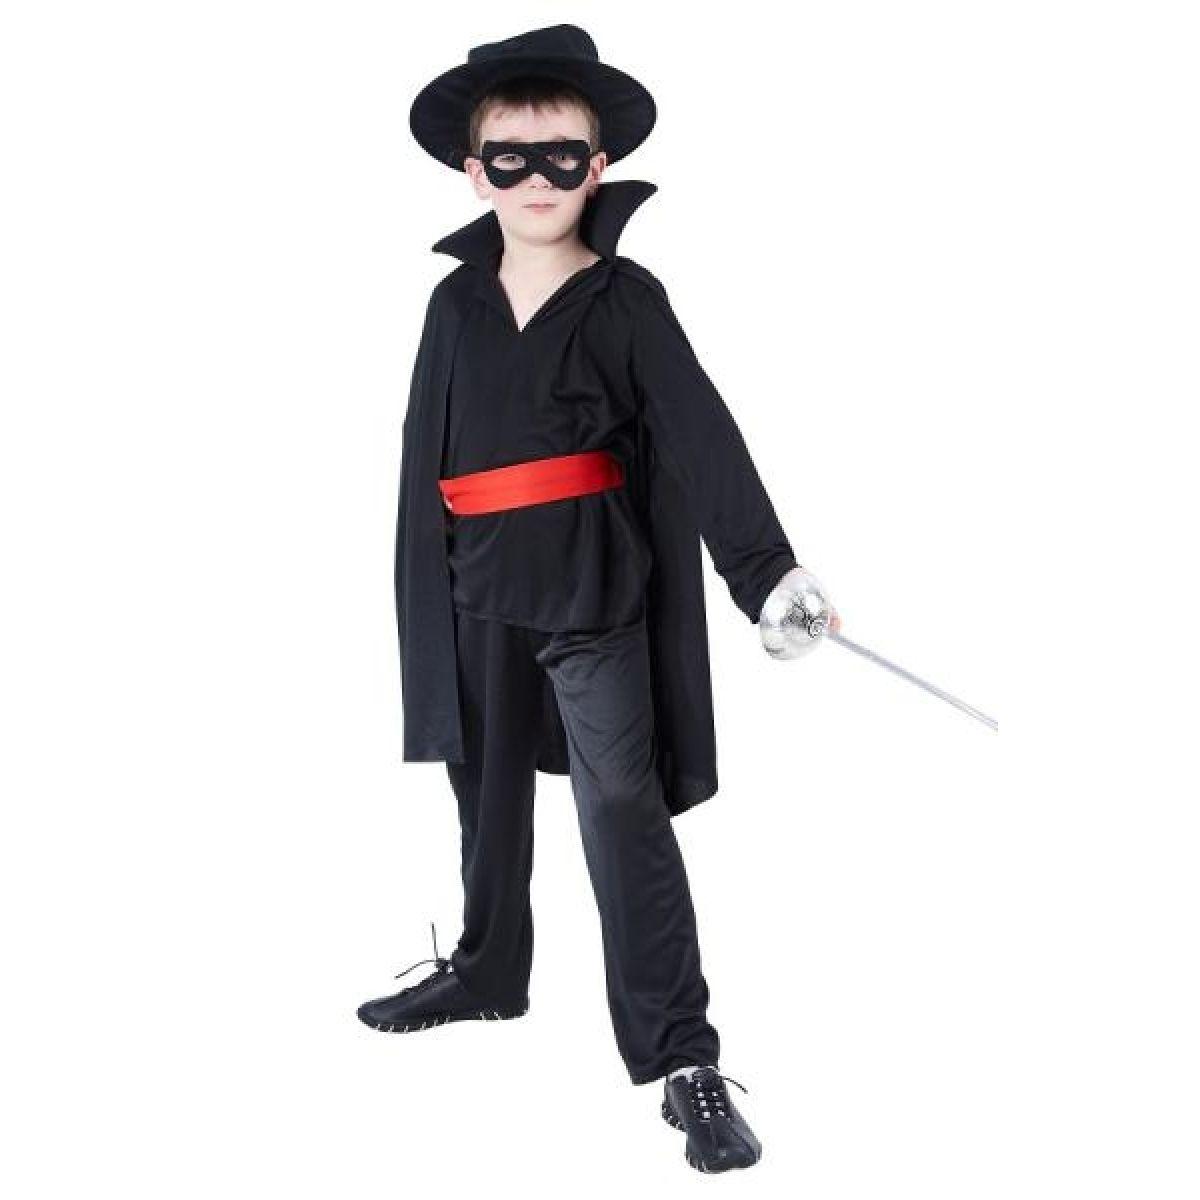 Made Dětský kostým Bandita vel. S